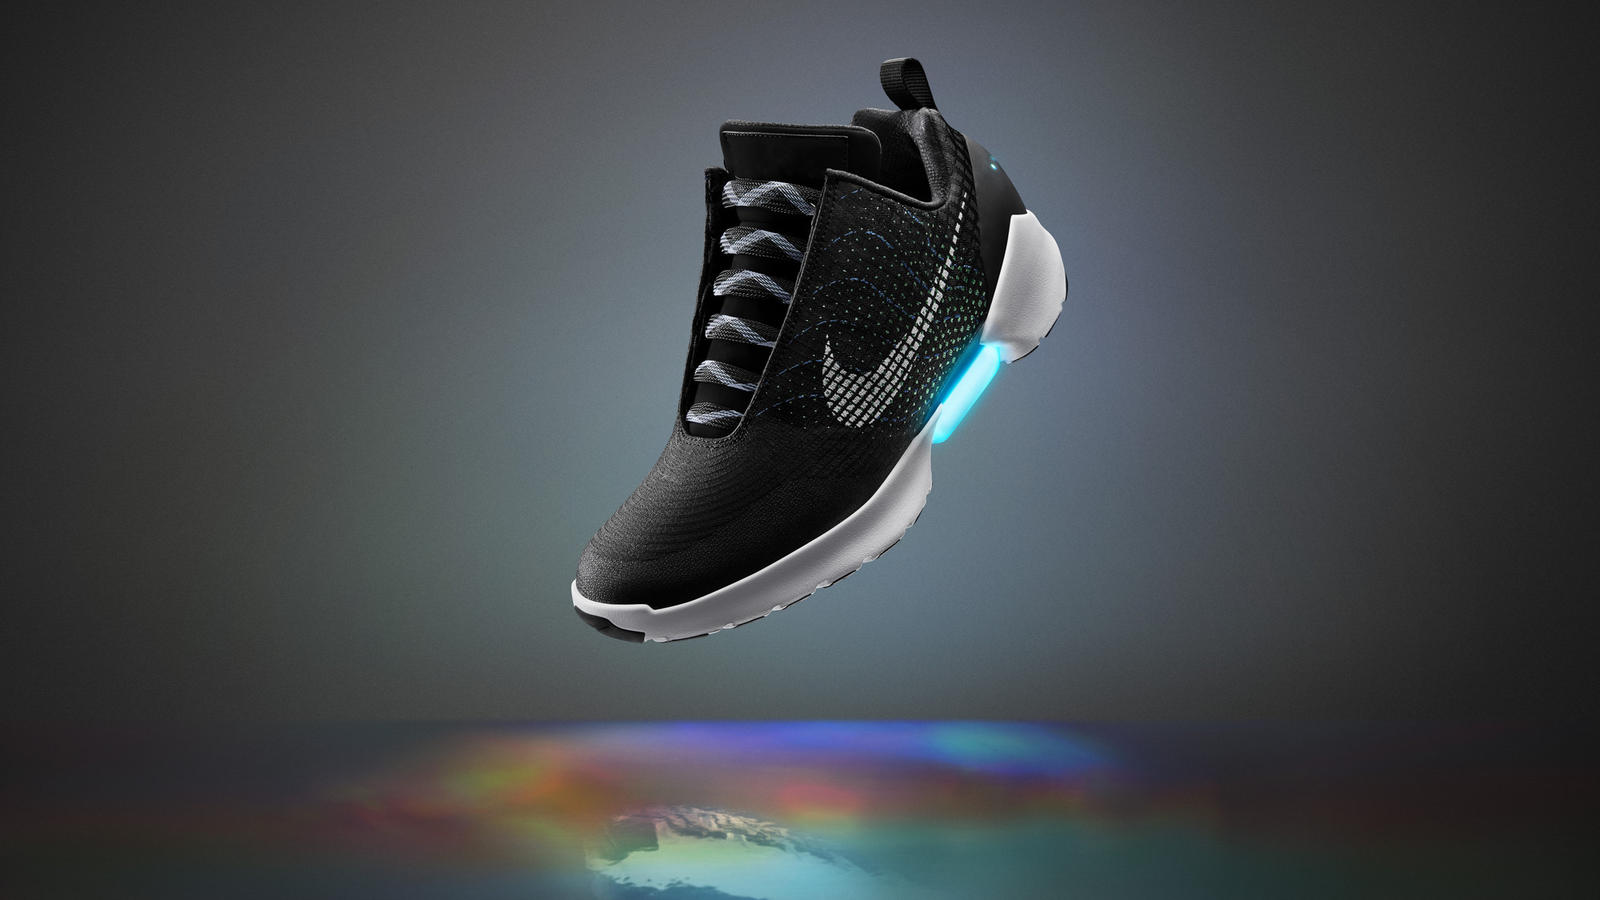 Der HyperAdapt 1.0 soll laut Nike ein kleines Technikwunder sein.